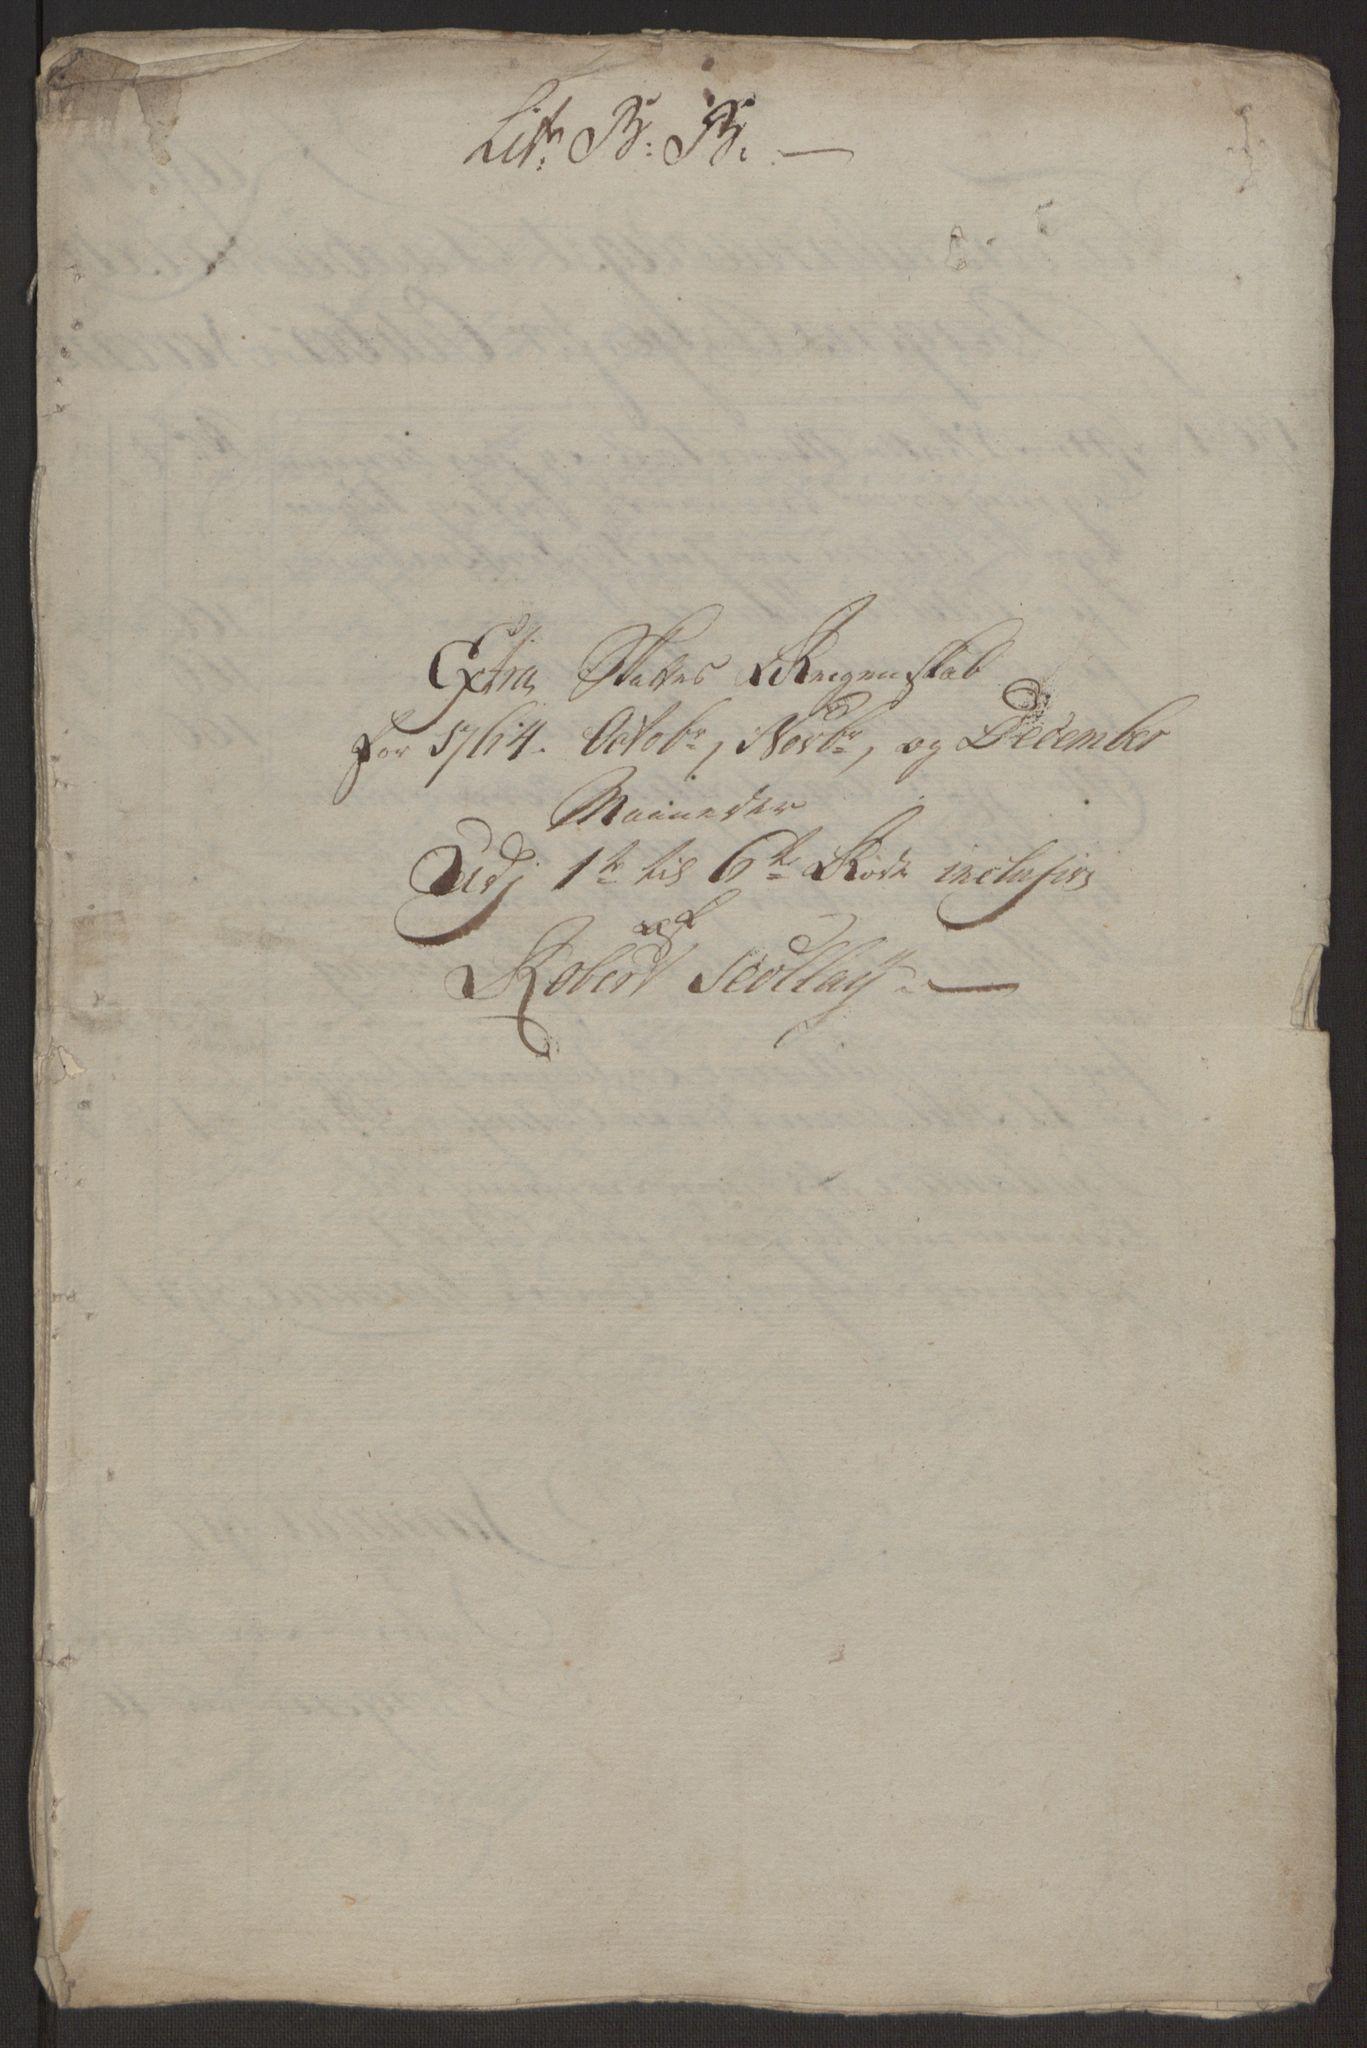 RA, Rentekammeret inntil 1814, Reviderte regnskaper, Byregnskaper, R/Rp/L0367: [P21] Kontribusjonsregnskap, 1764, s. 161